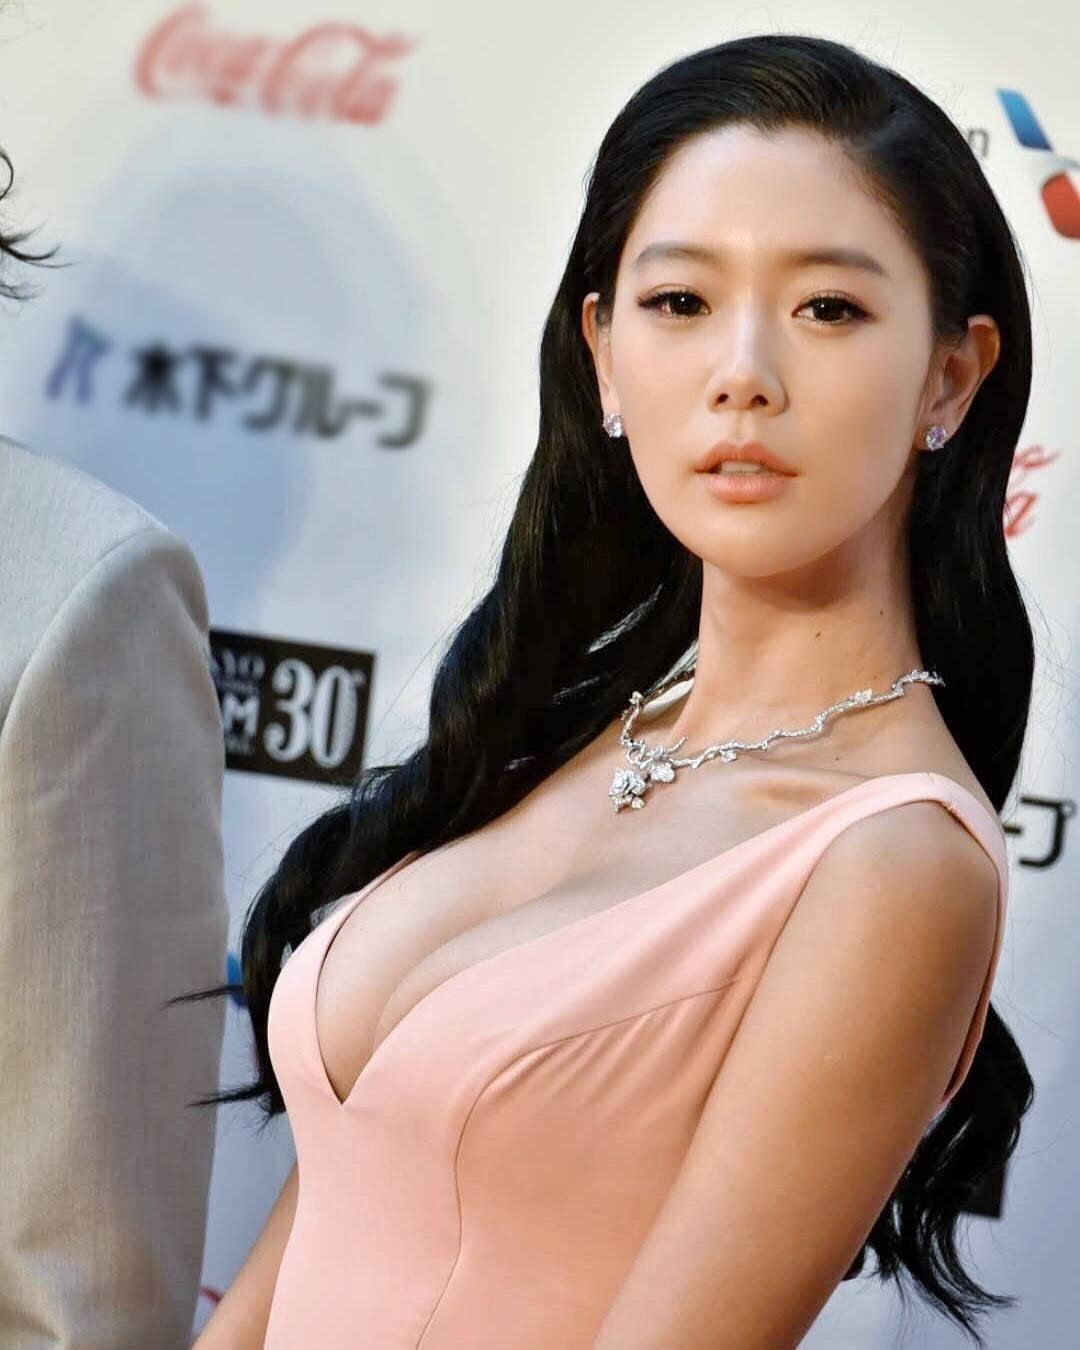 """""""Bom sex"""" Hàn Quốc gây náo loạn phố đi bộ Hà Nội, bước tới đâu nam giới """"đổ"""" tới đó vì đẹp - hình ảnh 8"""